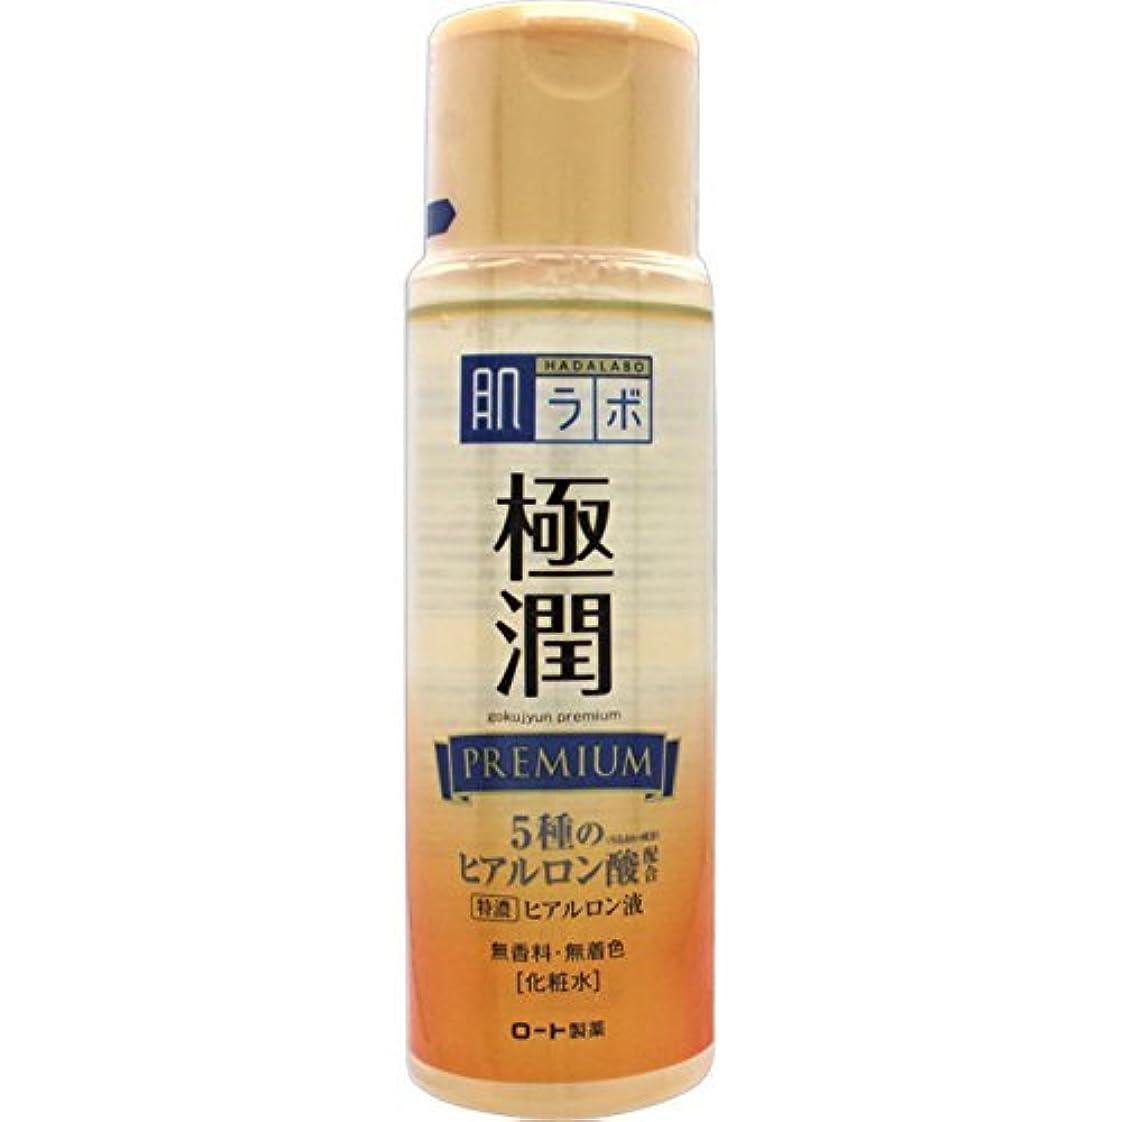 ブロッサムタッチカード肌研(ハダラボ) 極潤プレミアム ヒアルロン液 × 3個セット